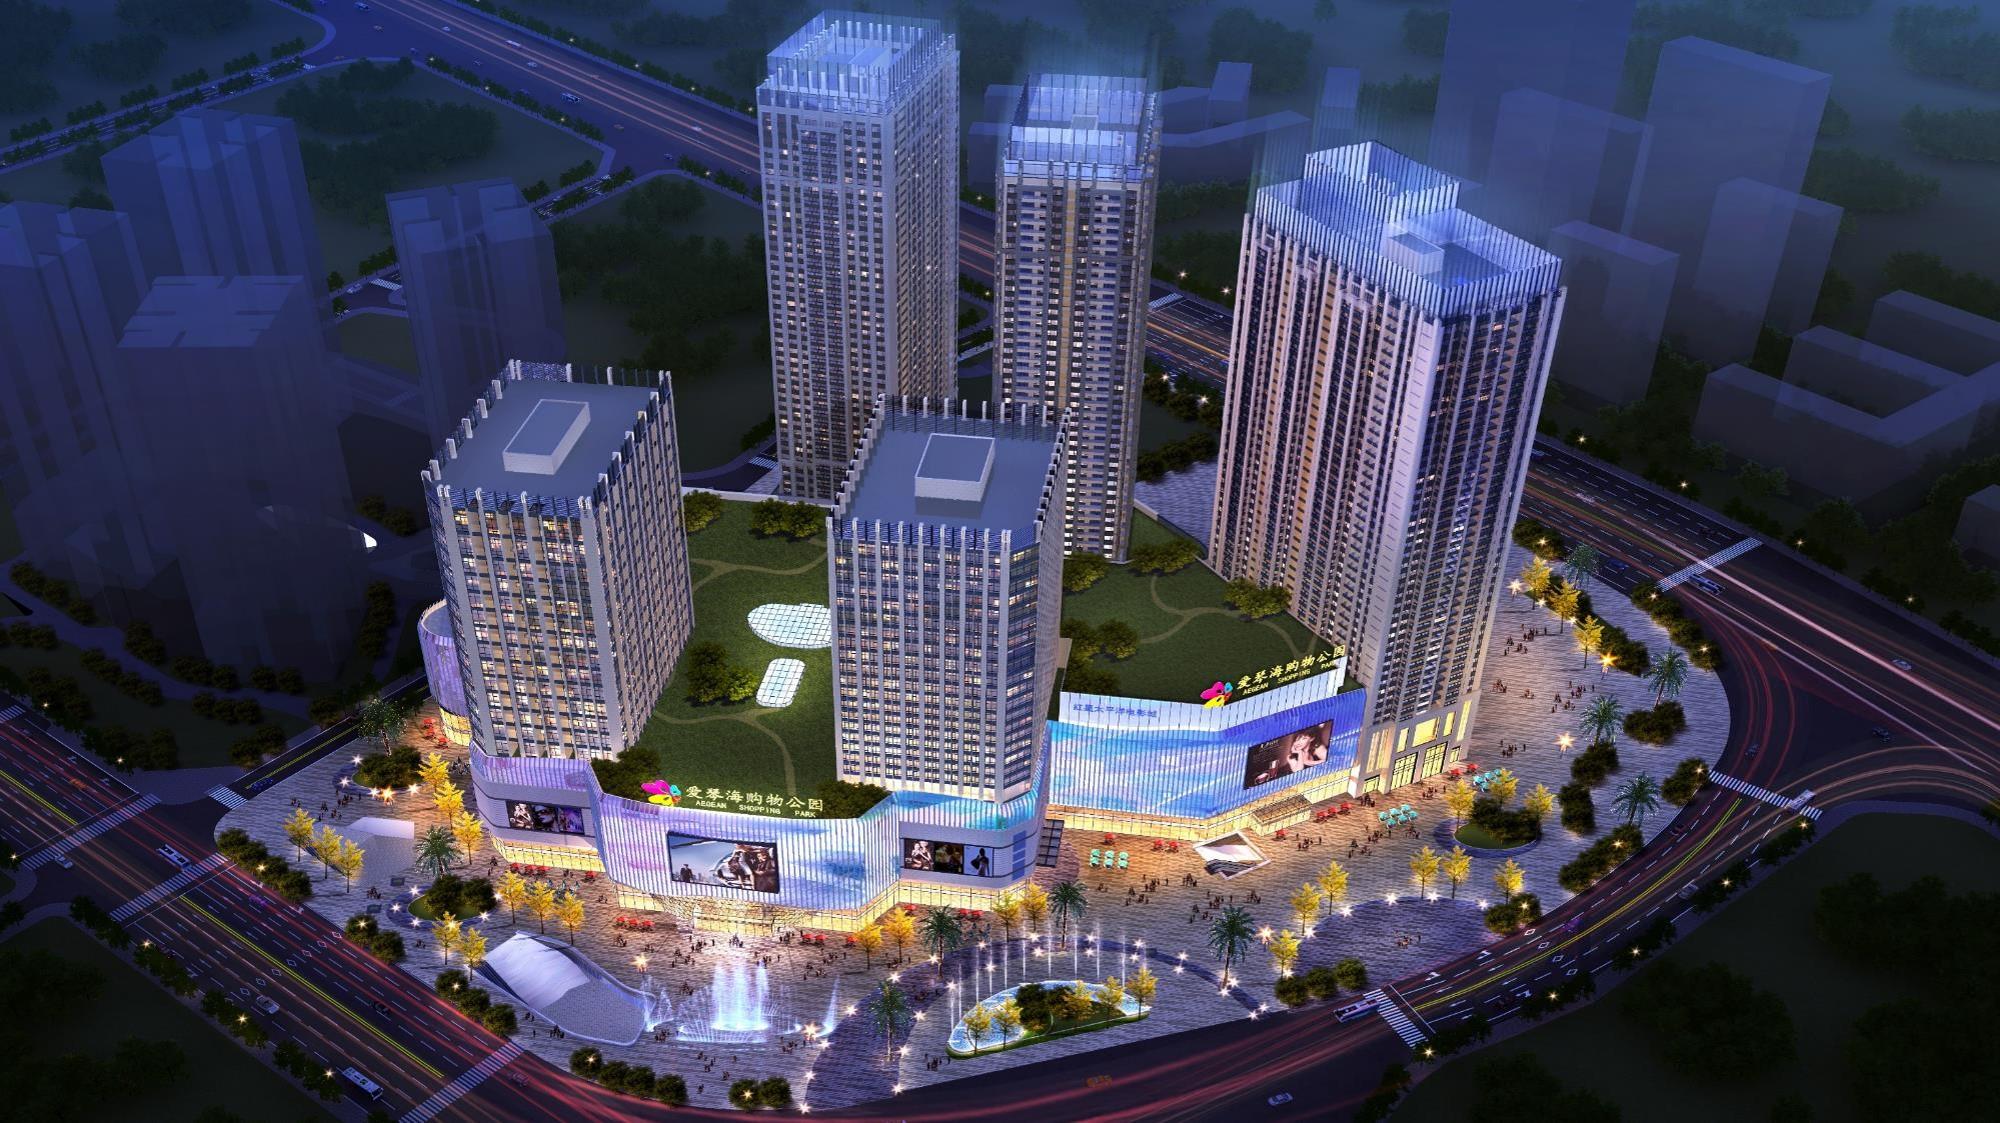 昆明瑞鼎城亚博体育官方网站地址购物公园